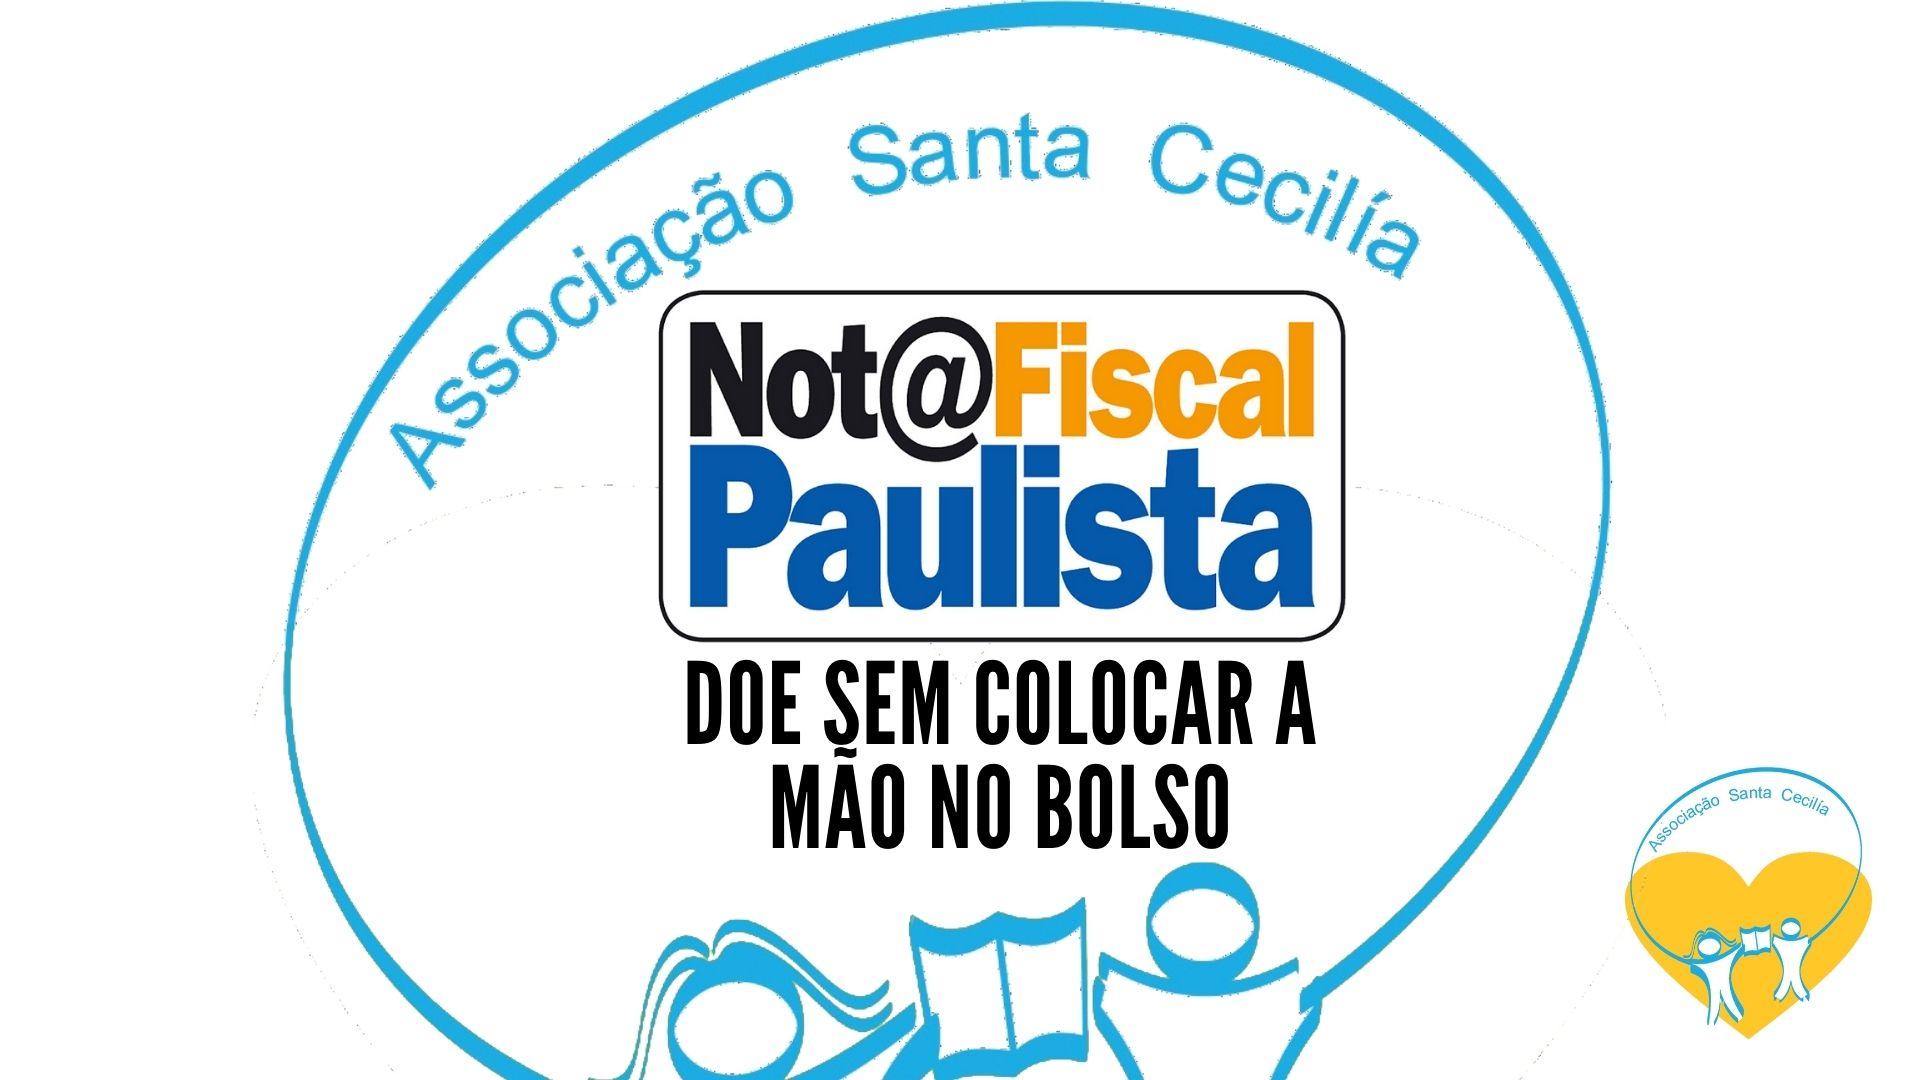 Doação Nota fiscal paulista Associação Santa Cecilia